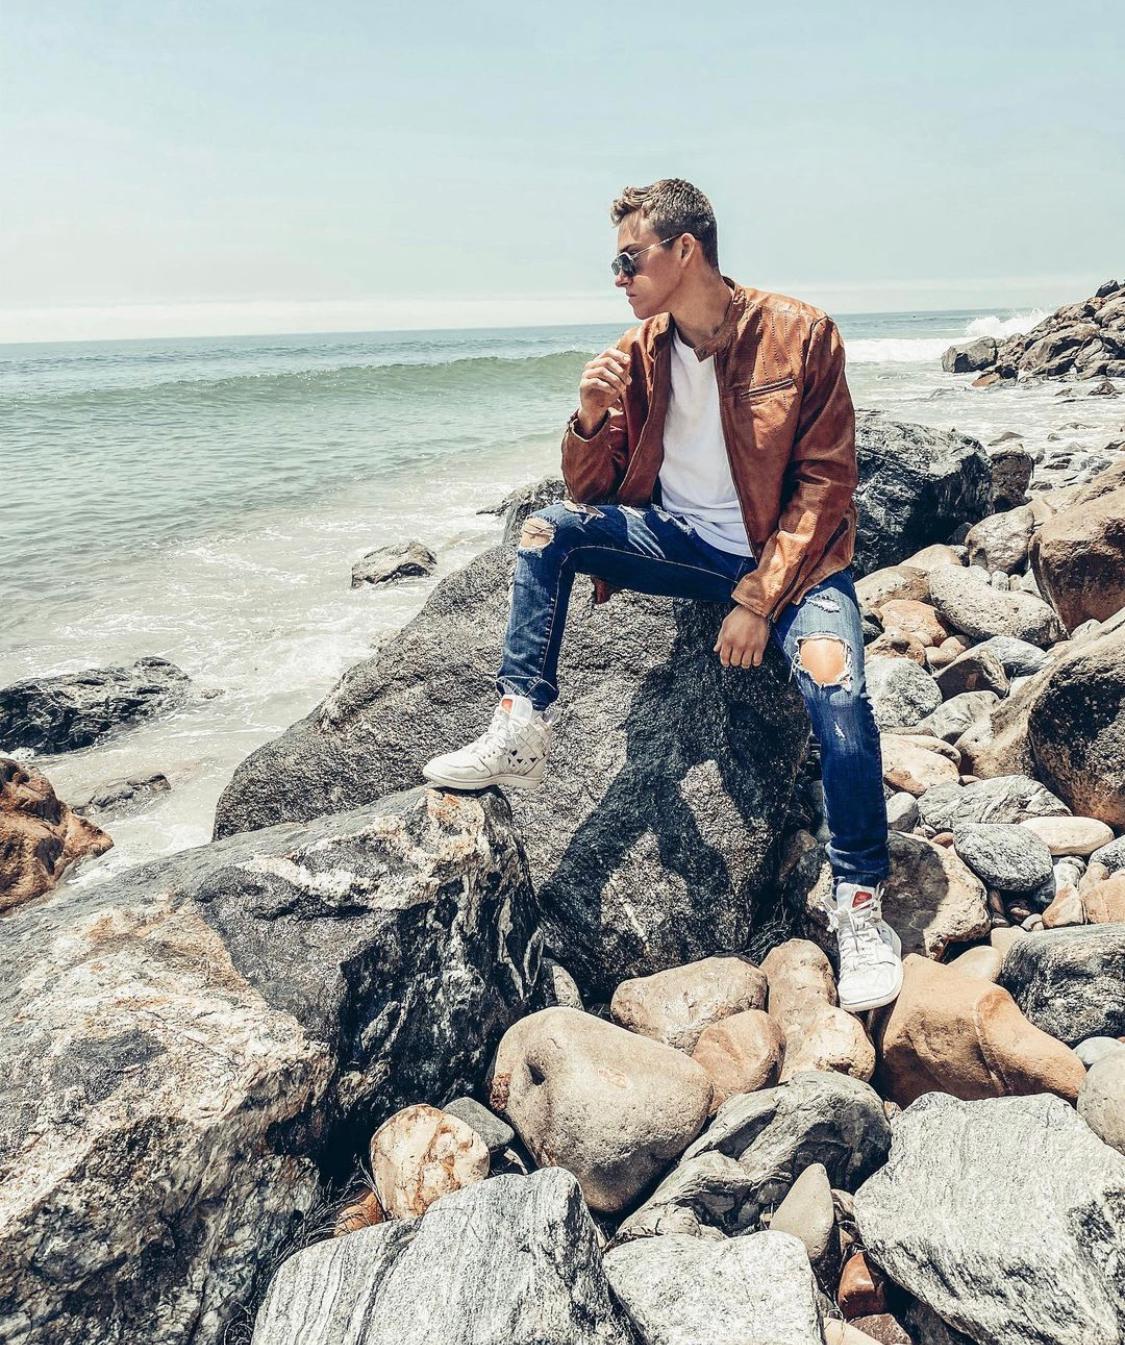 Truitt Battin rocking a John Varvatos jacket as he relaxes by the beach